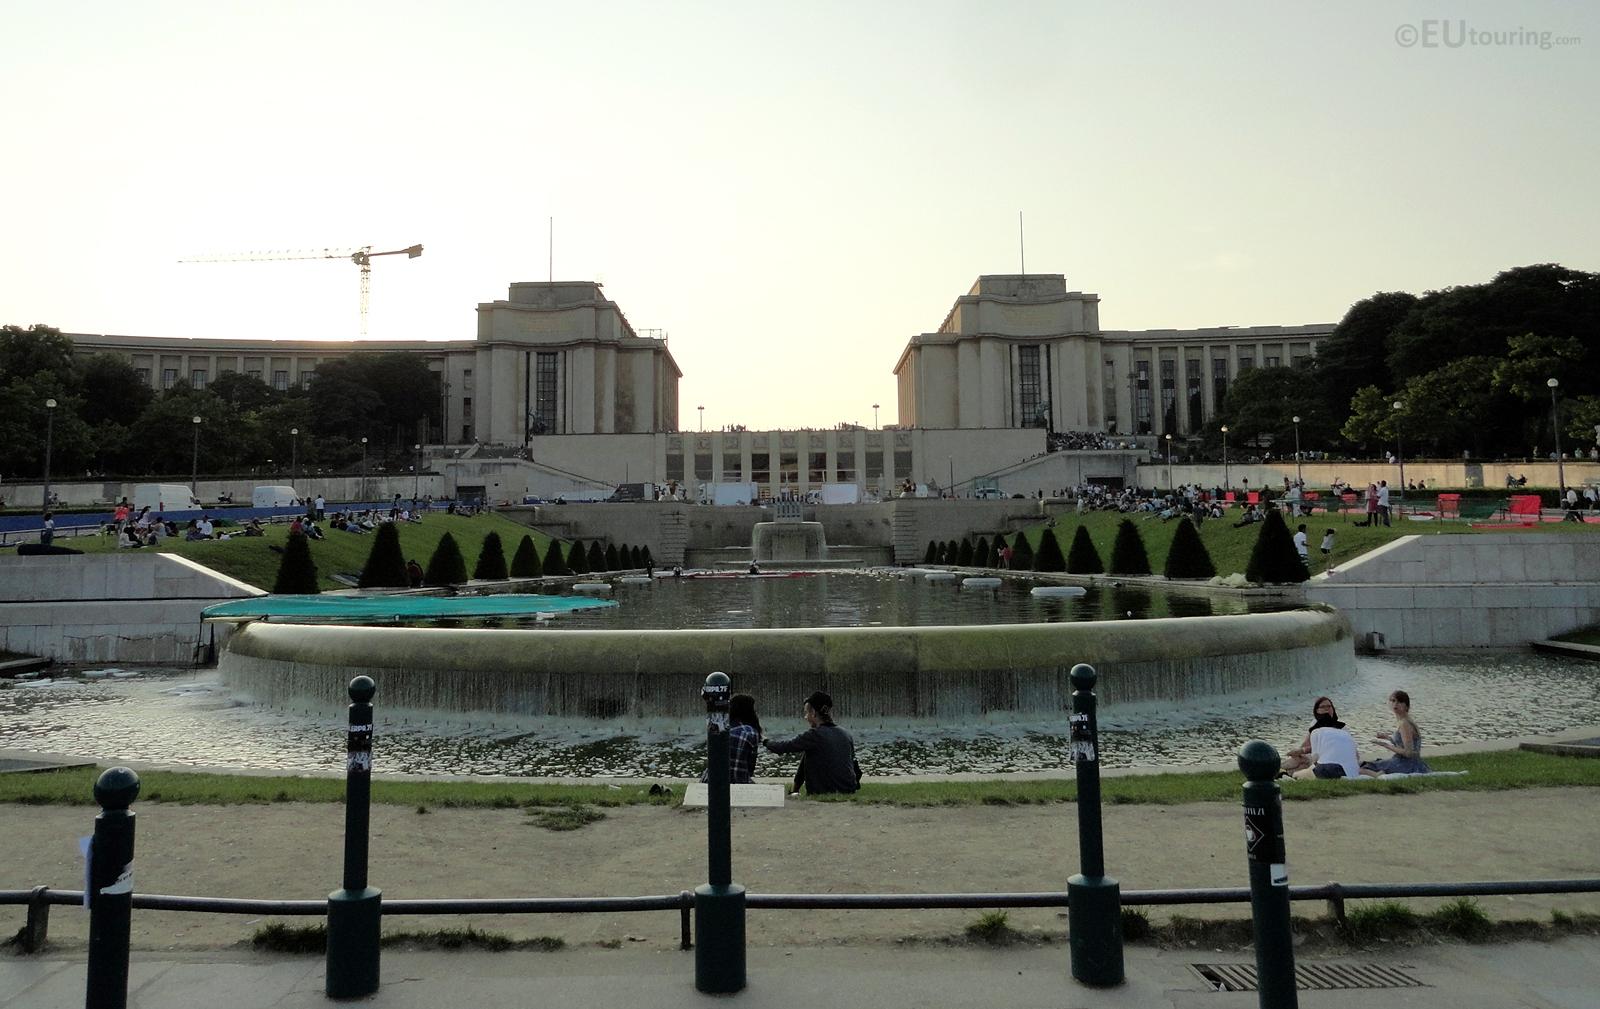 Palais de Chaillot overlooking Trocadero gardens